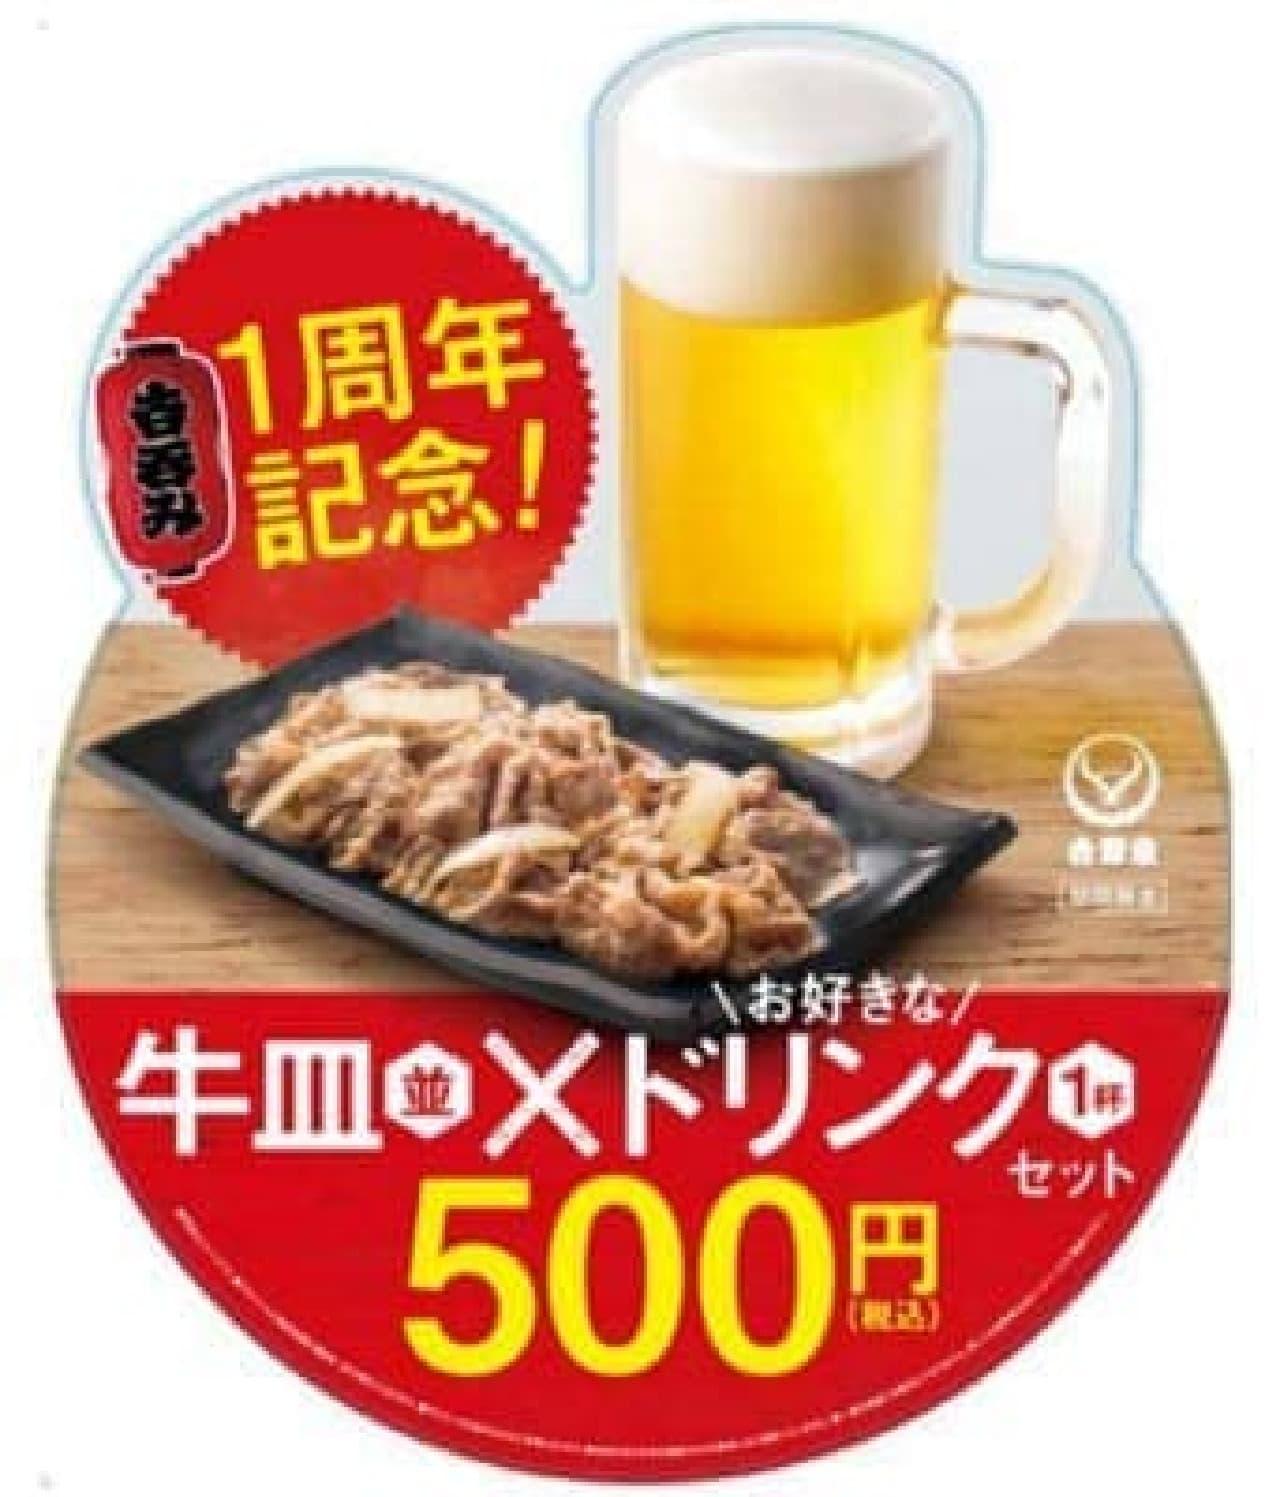 吉呑み1周年記念キャンペーン